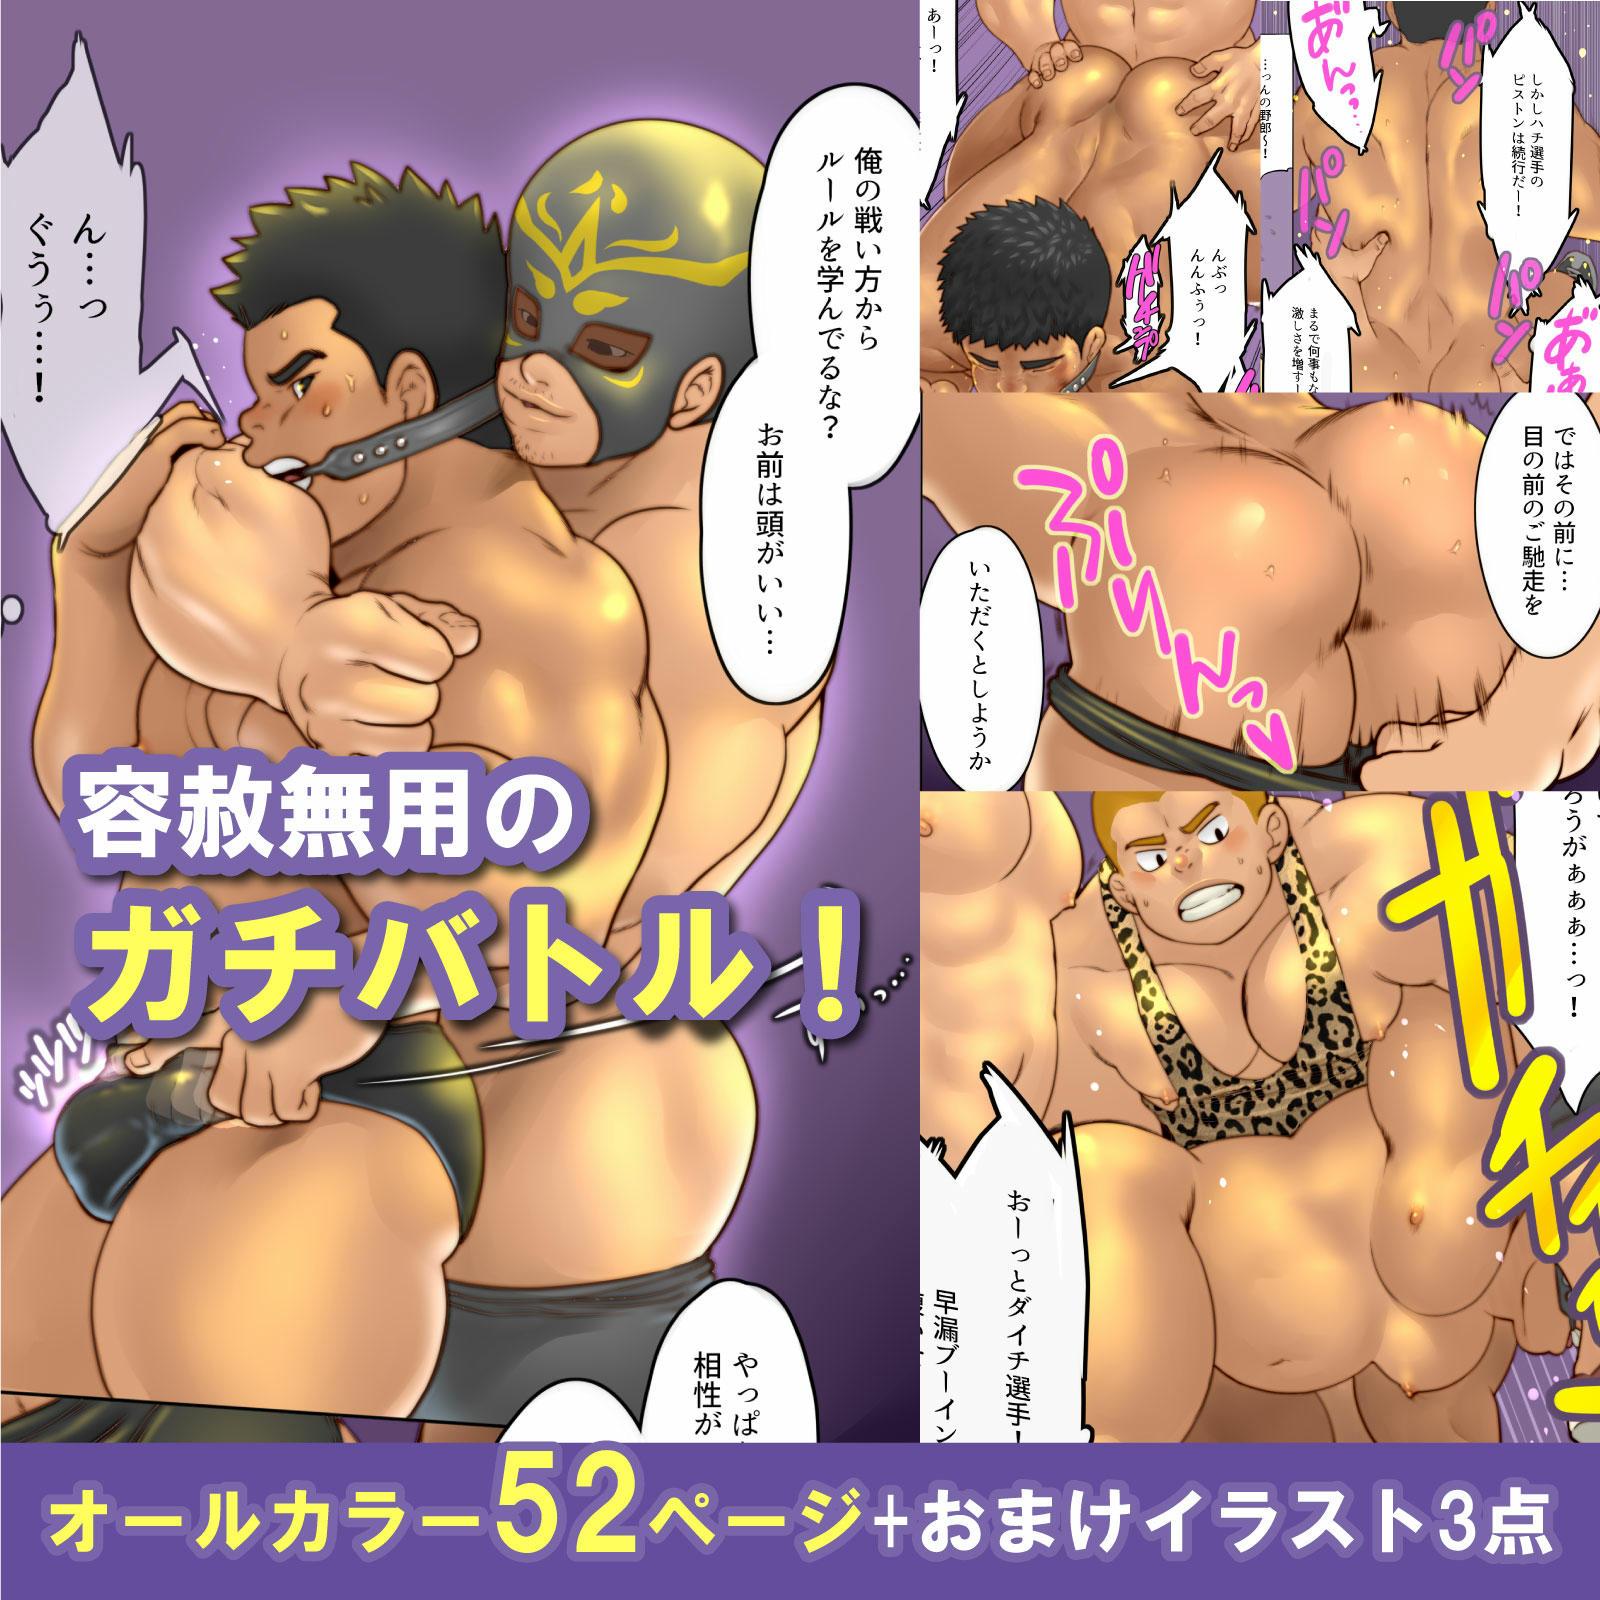 [ぴょん] の【ケンタのリング】